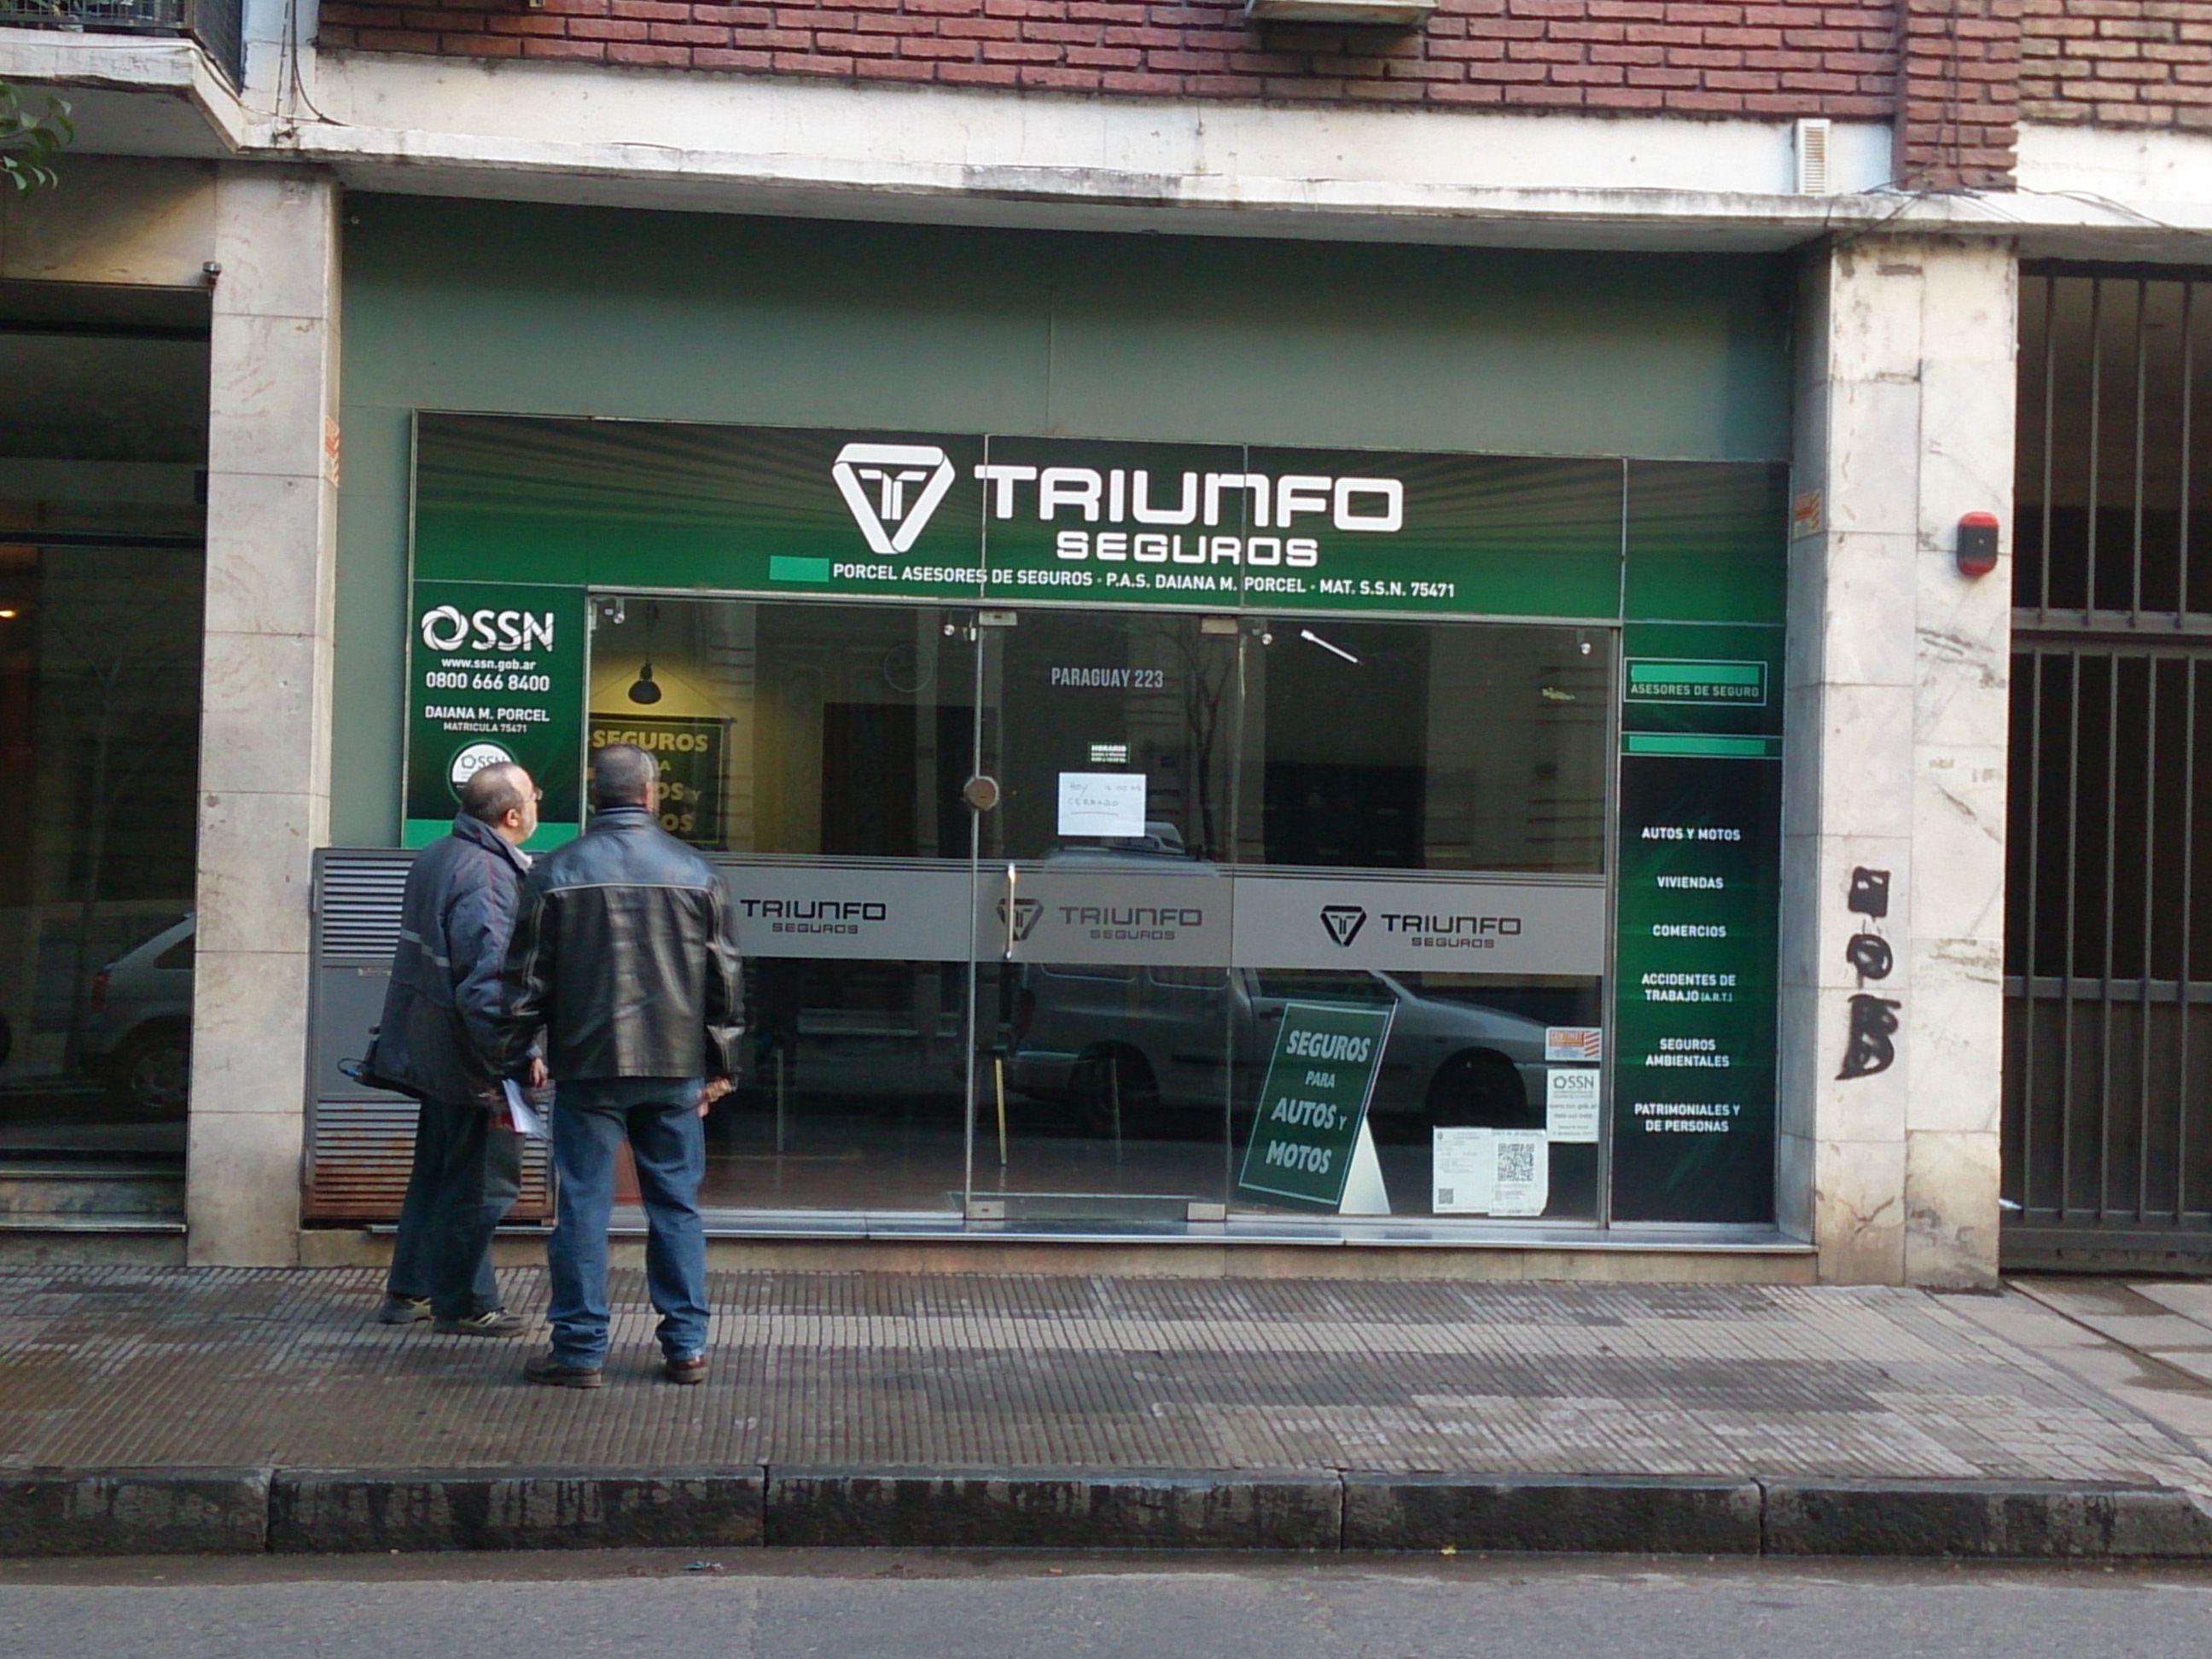 La agencia de seguros asaltada ayer a la tarde en calle Paraguay. (Foto:Celina Mutti Lovera)